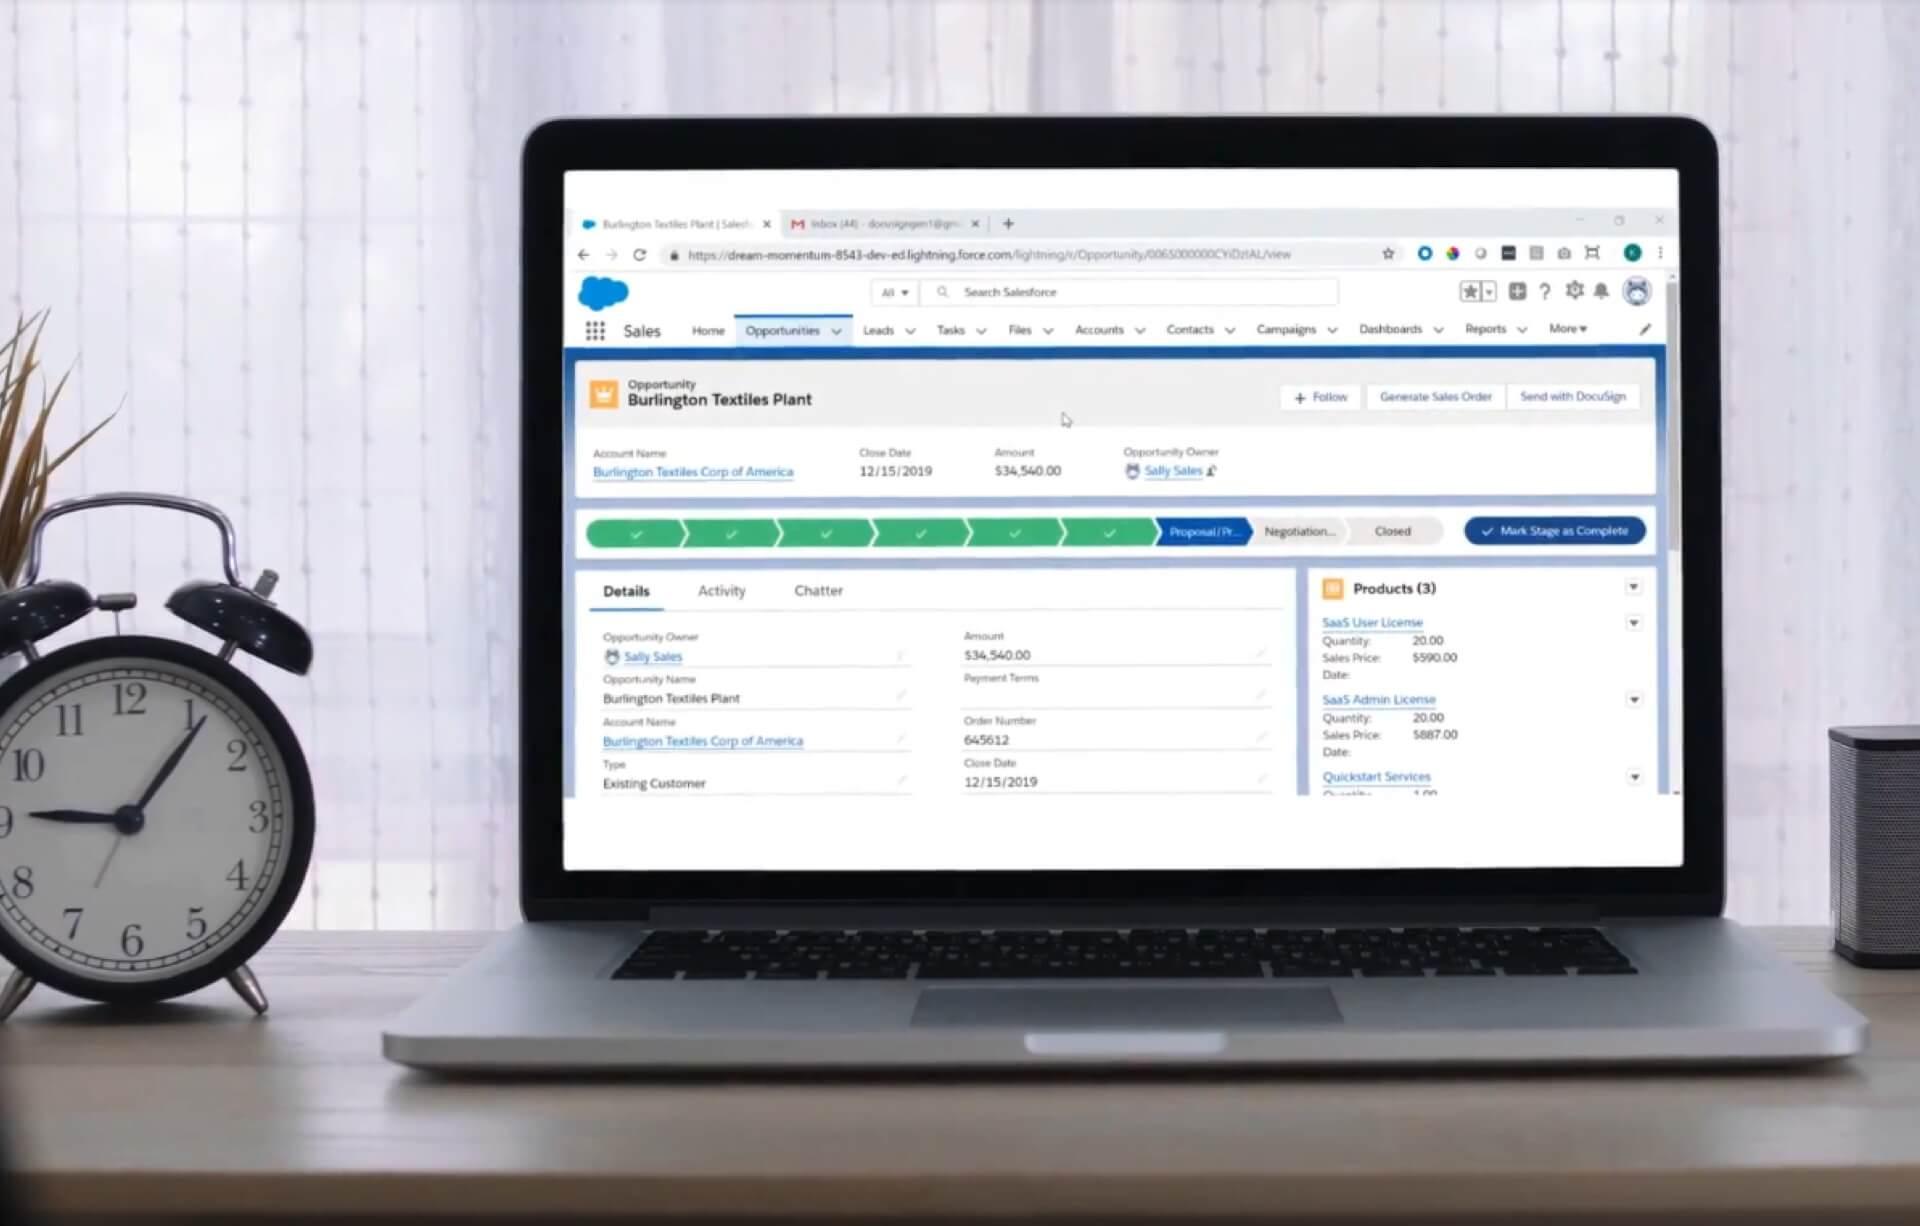 Ein Anwendungs-Dashboard in einem Webbrowser.